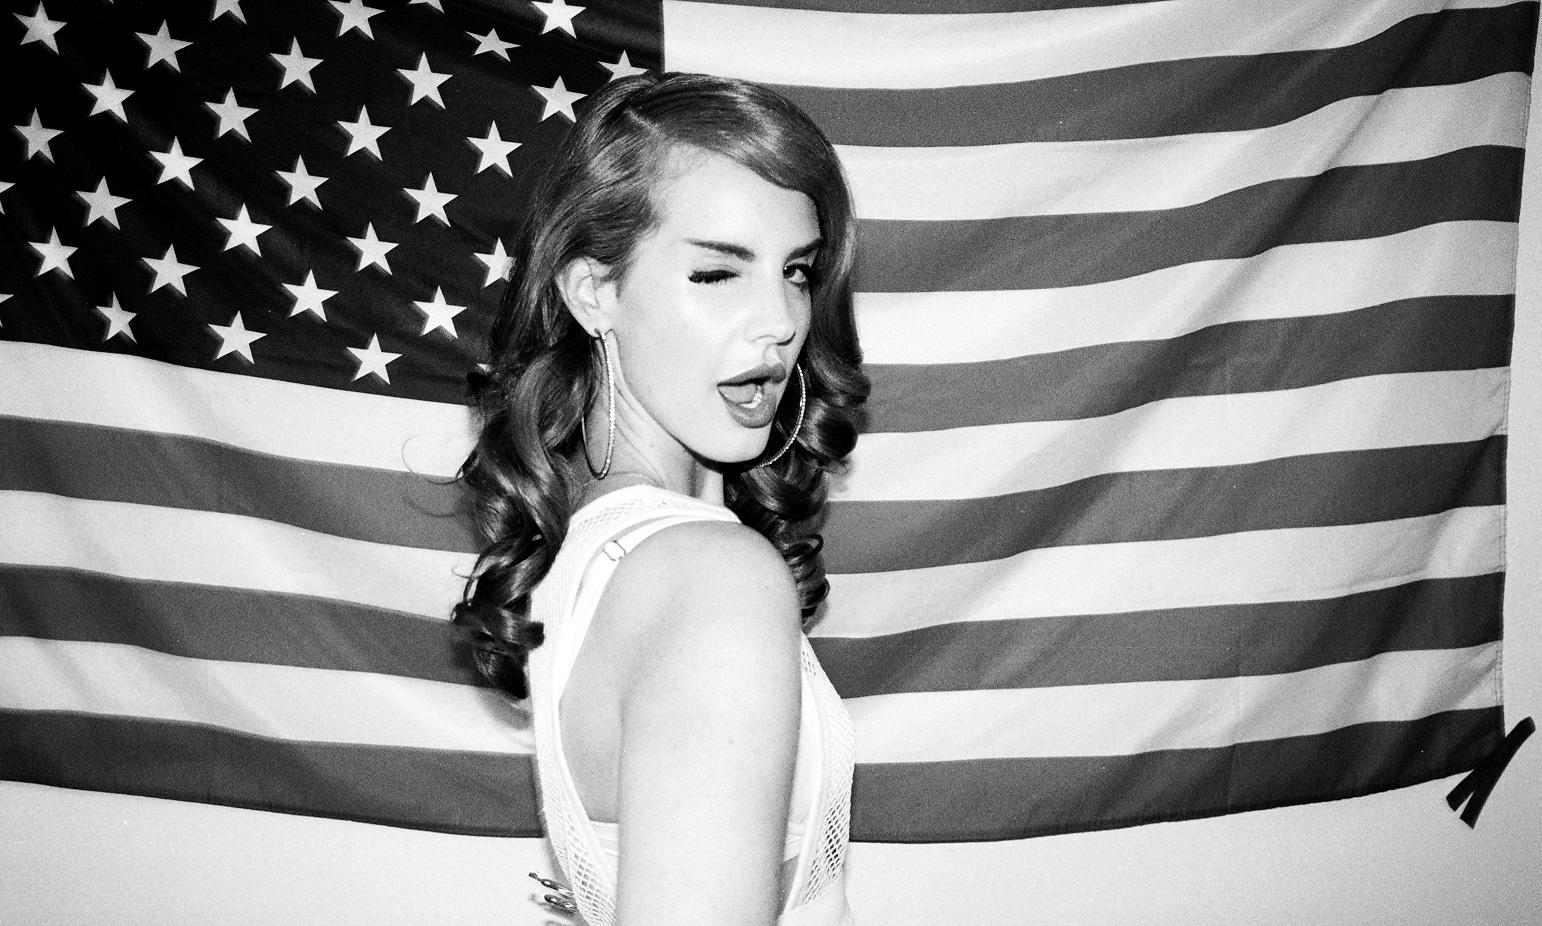 image: Lana-Del-Rey-7